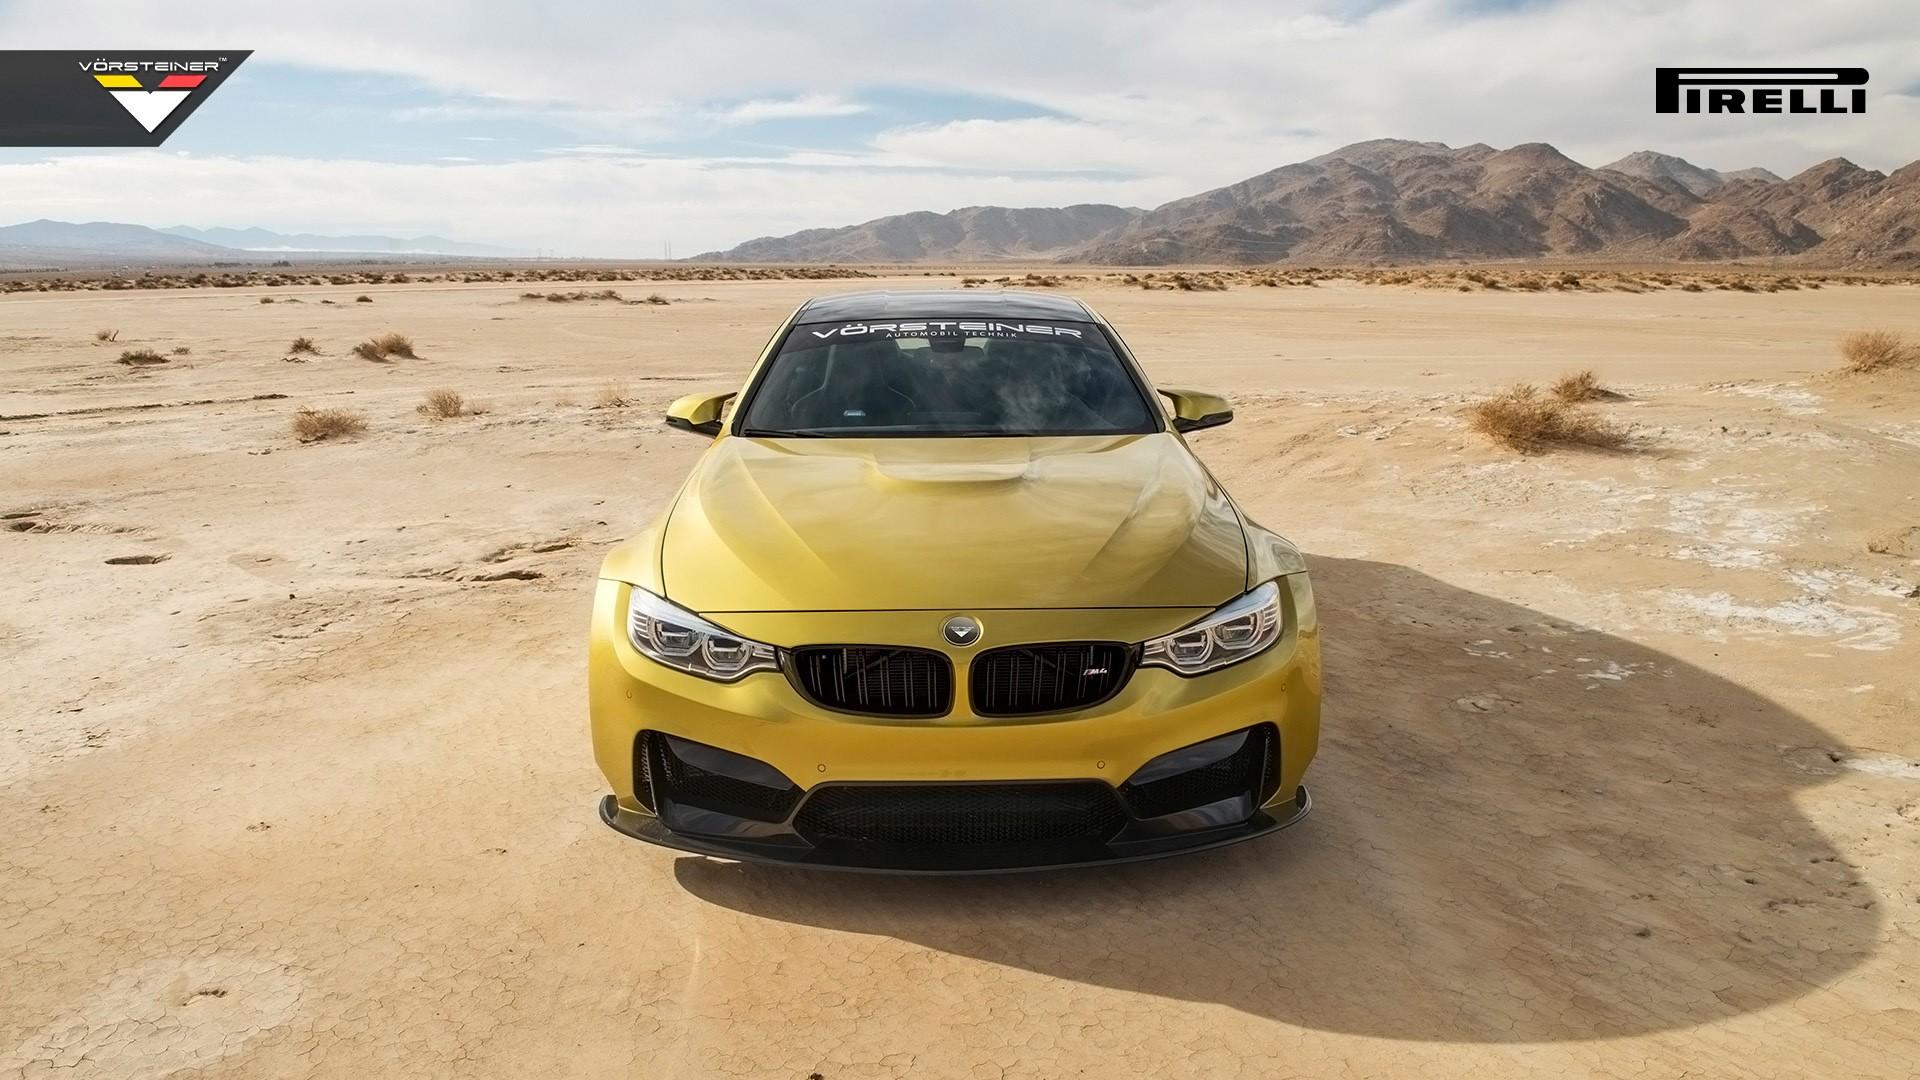 2014 Vorsteiner BMW M4 GTRS4 3 Wallpaper | HD Car ...